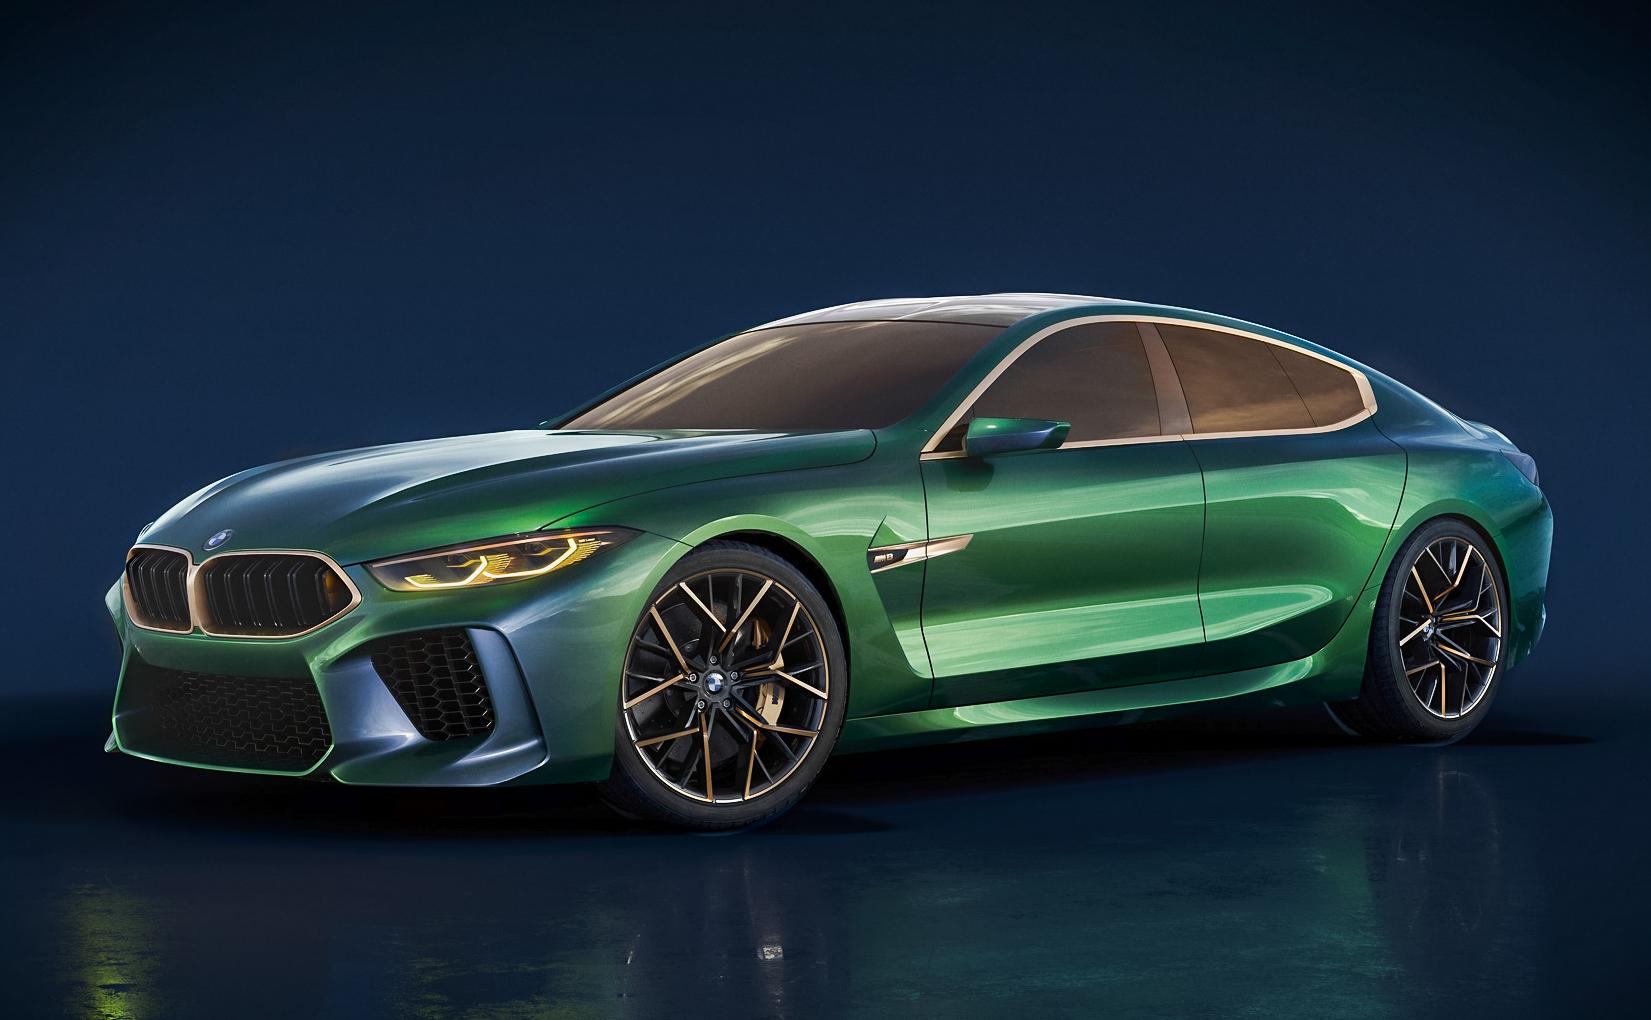 图集|M8 Gran Coupe概念车实图 宝马未来全看它